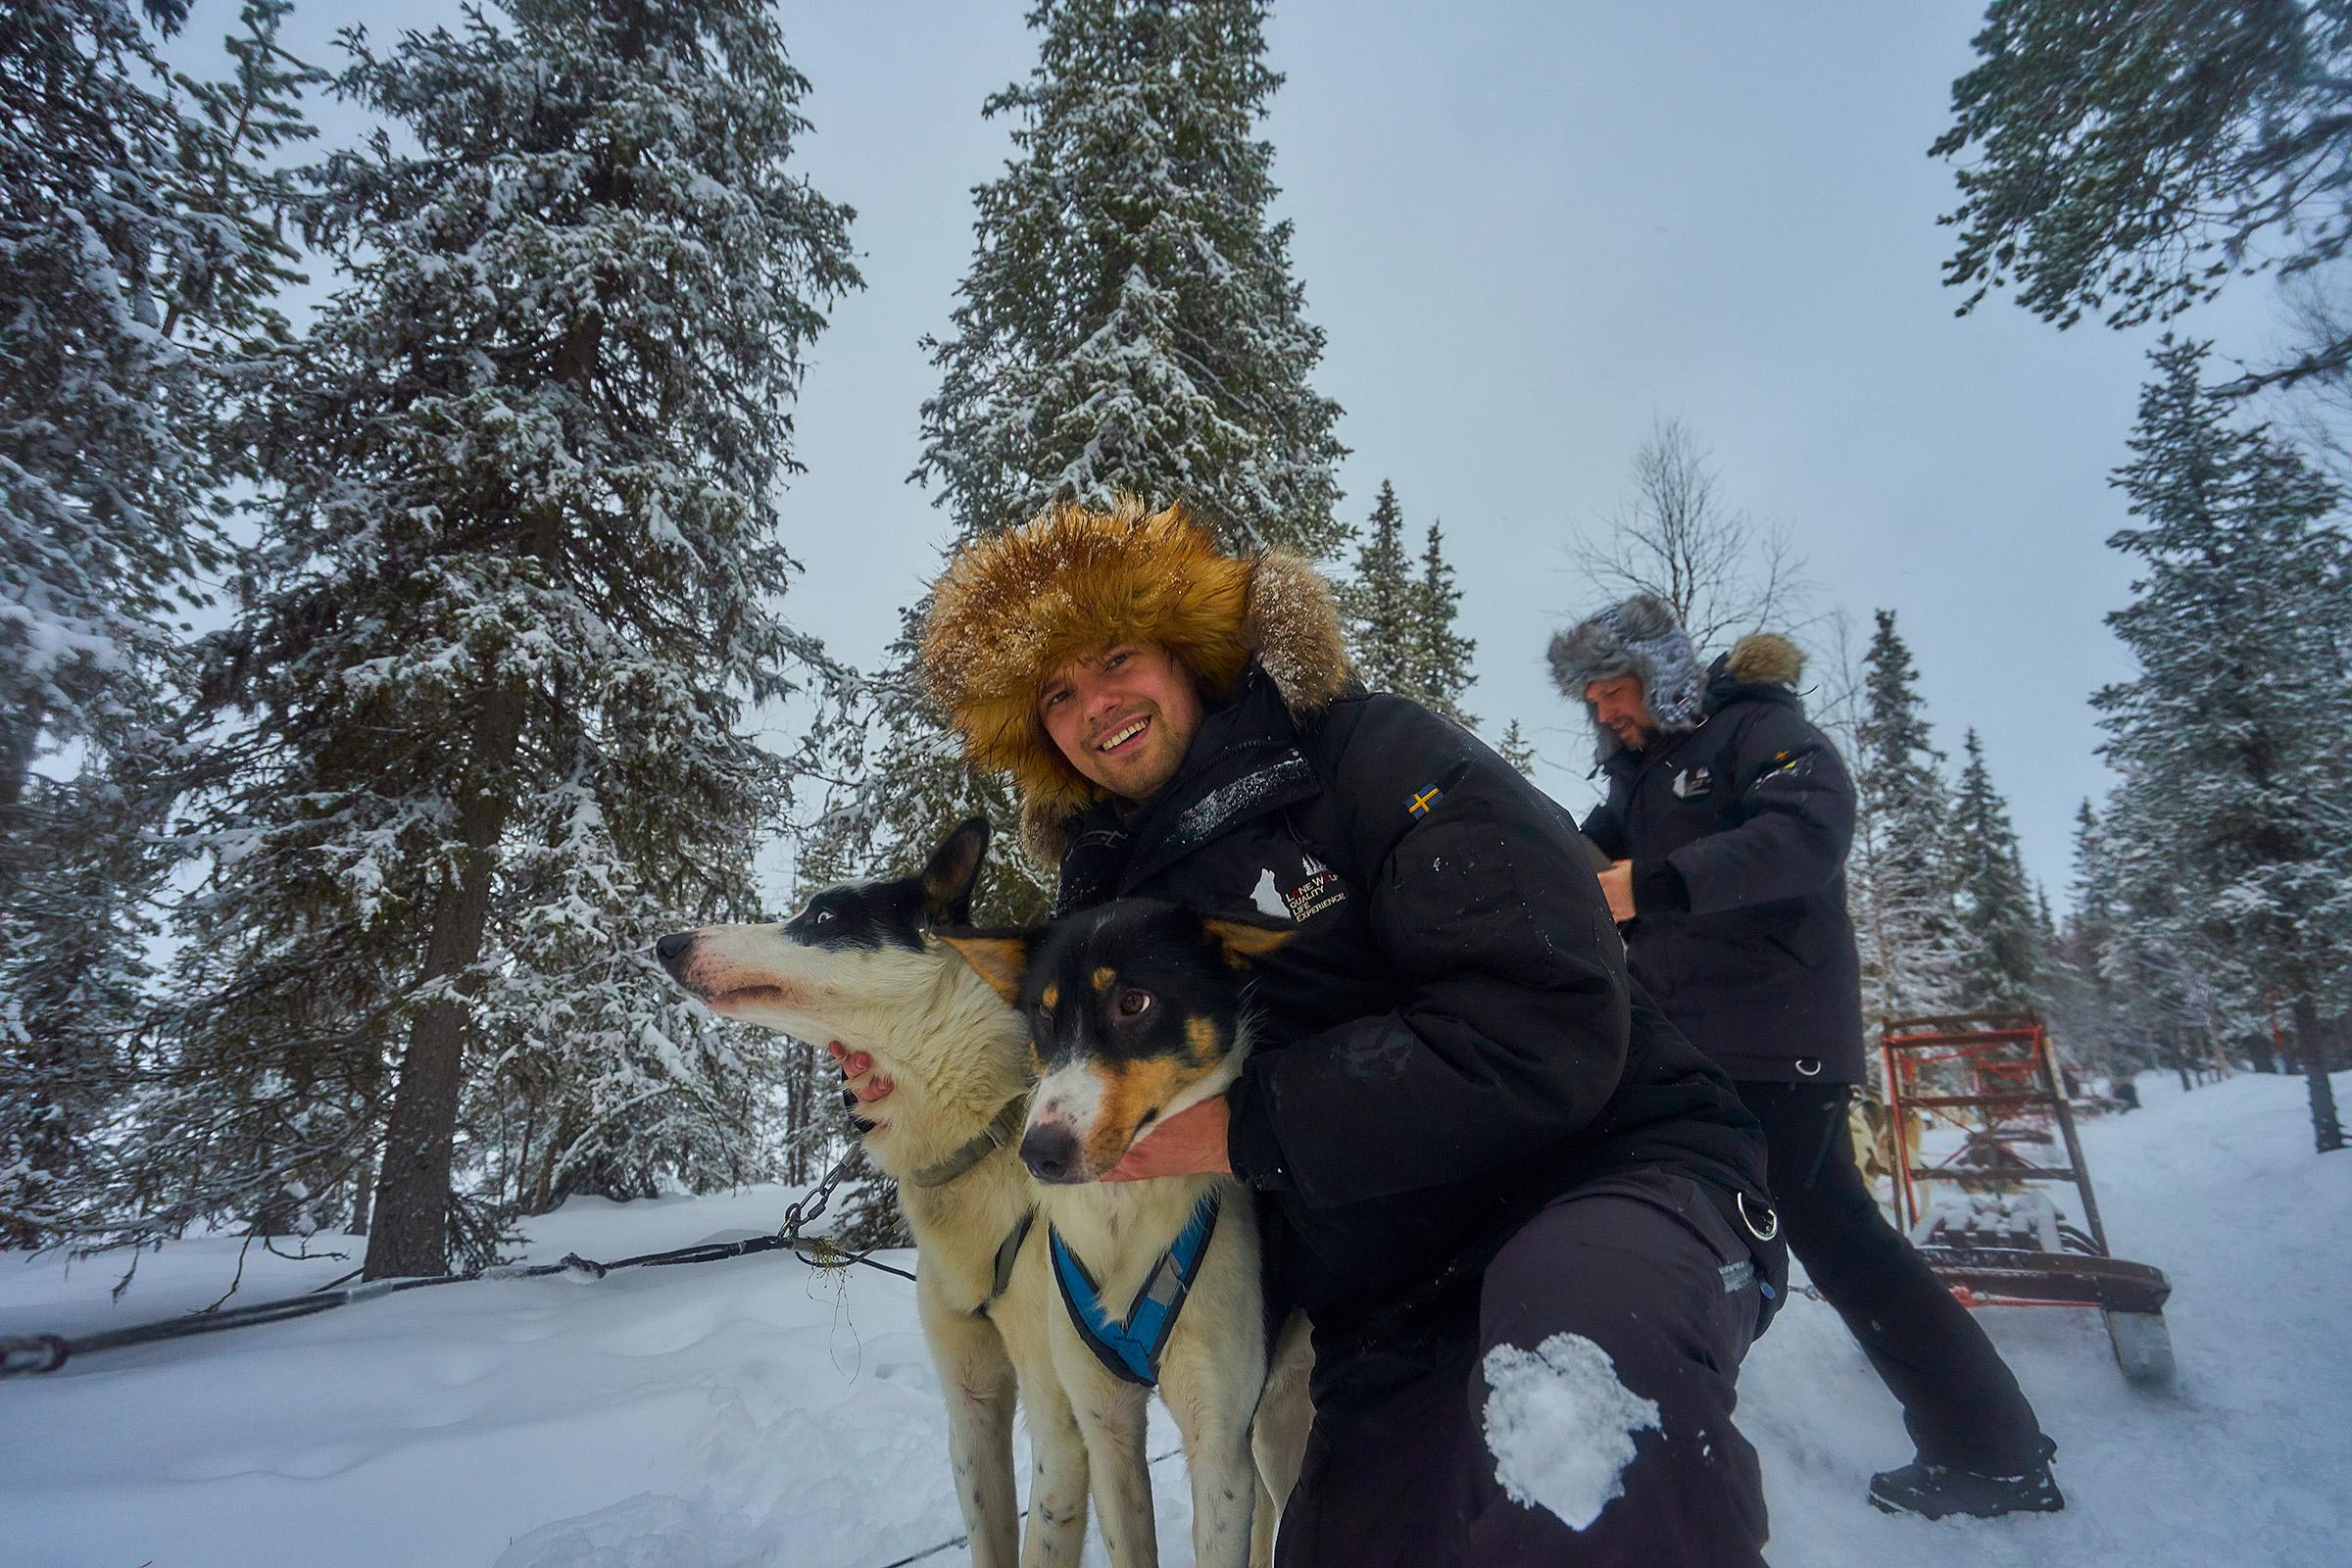 Hundspann lapland dog-sleigh